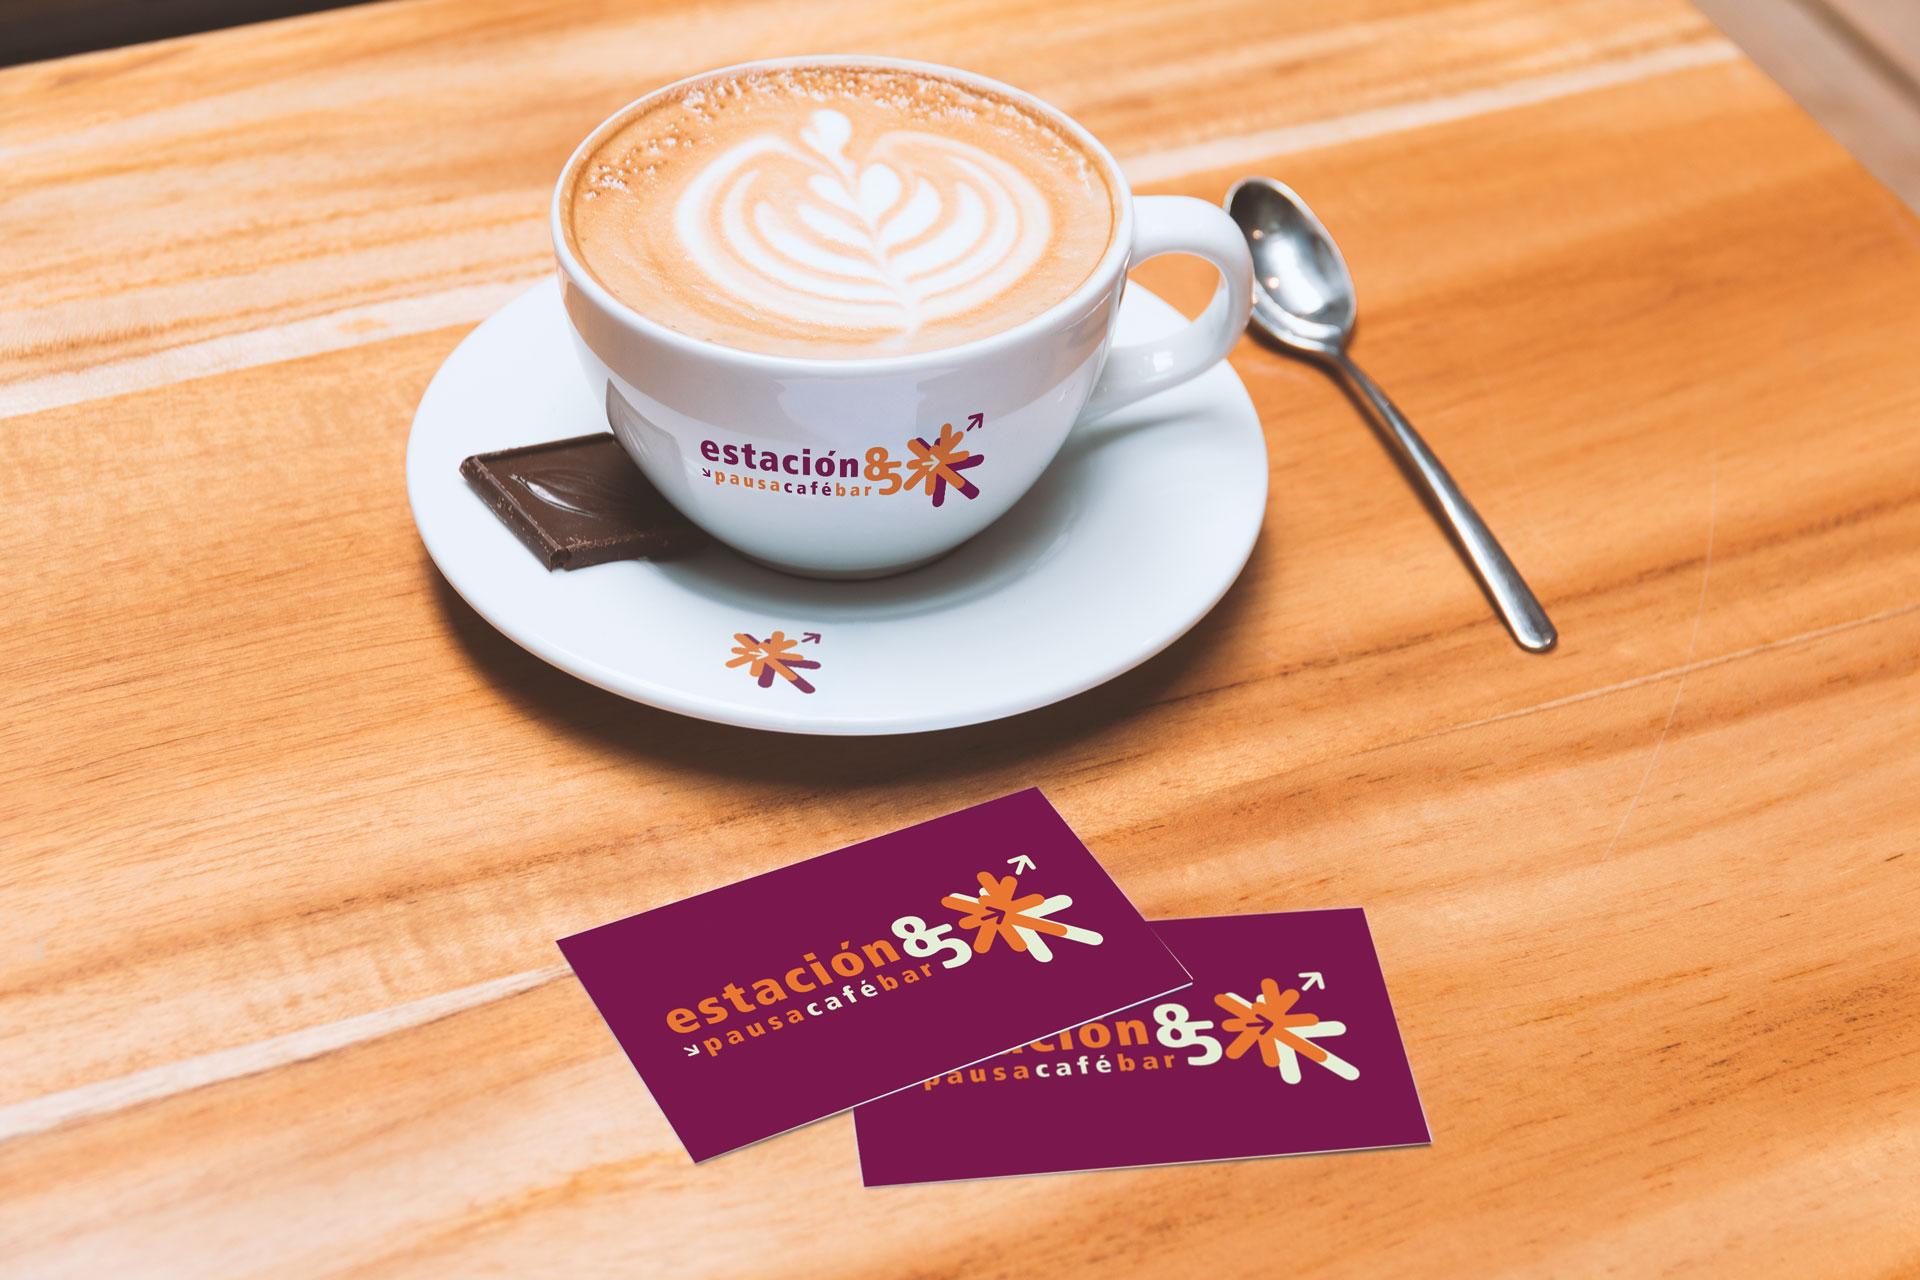 Taza Logotipo Fachada Restaurante Cafe Estación 85